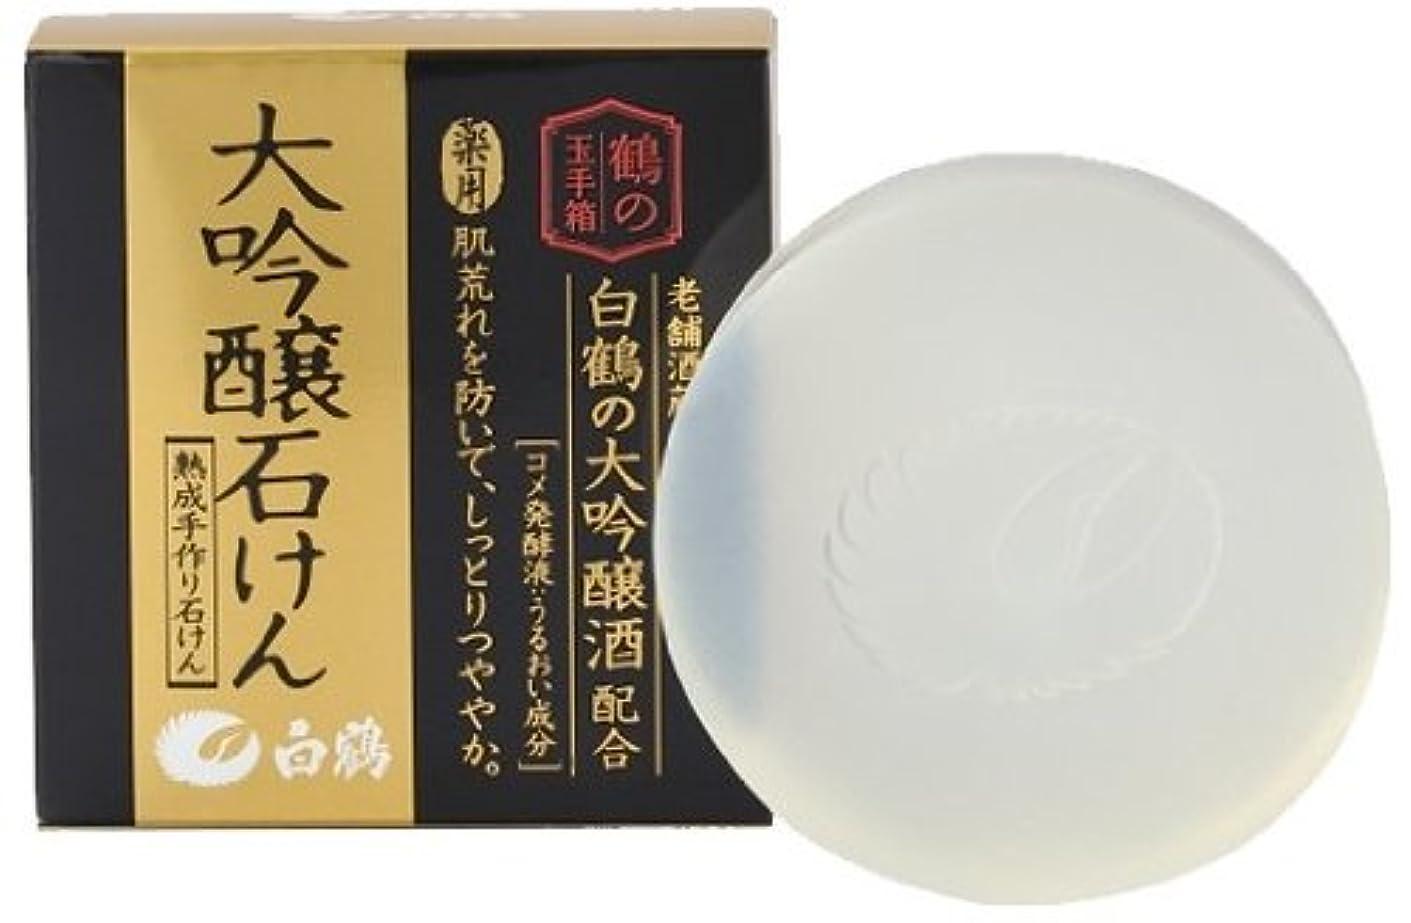 確立誘惑する保守可能白鶴 鶴の玉手箱 薬用 大吟醸石けん 100g (医薬部外品)